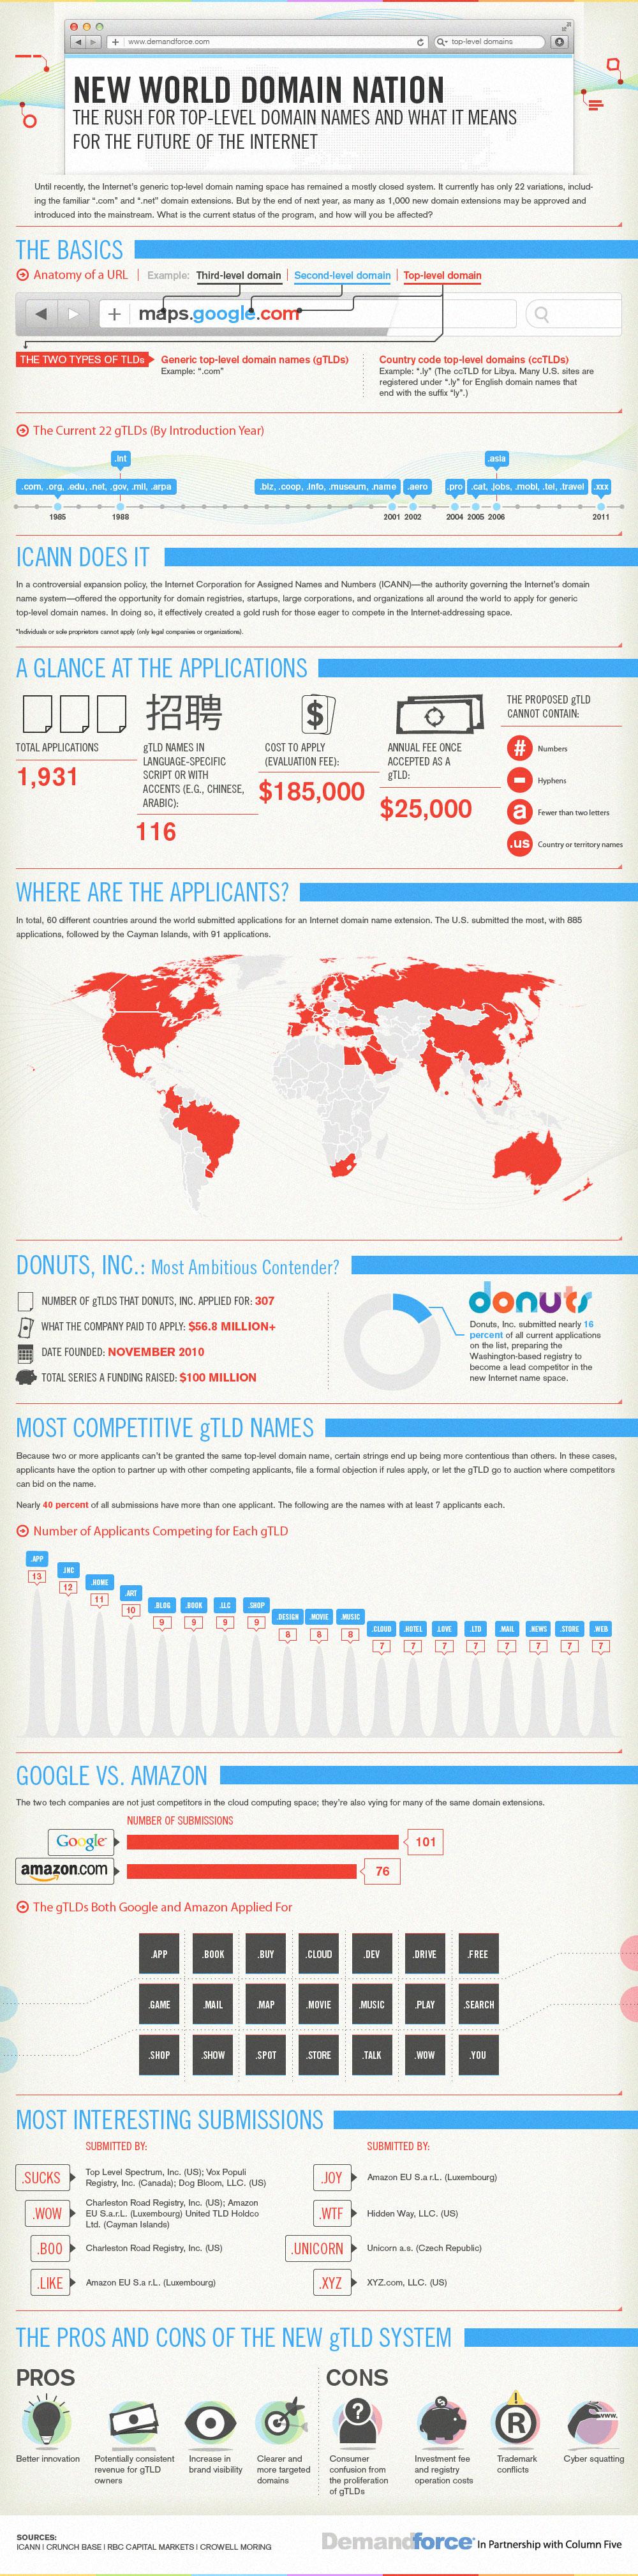 El futuro de los dominios de las marcas en internet